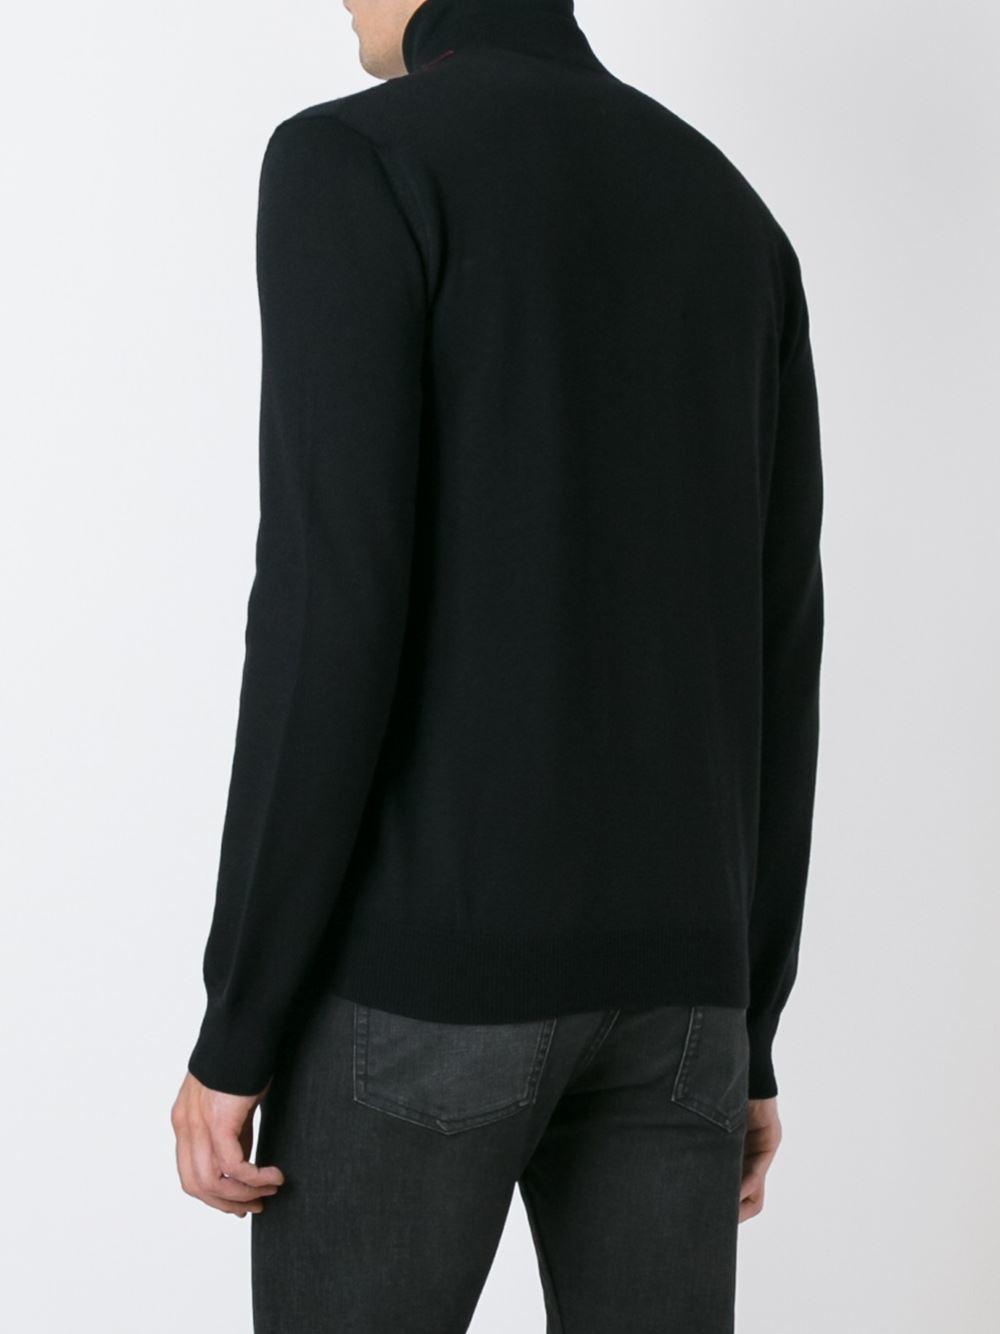 Alexander McQueen Wool Tartan Panel Bomber Jacket in Black for Men